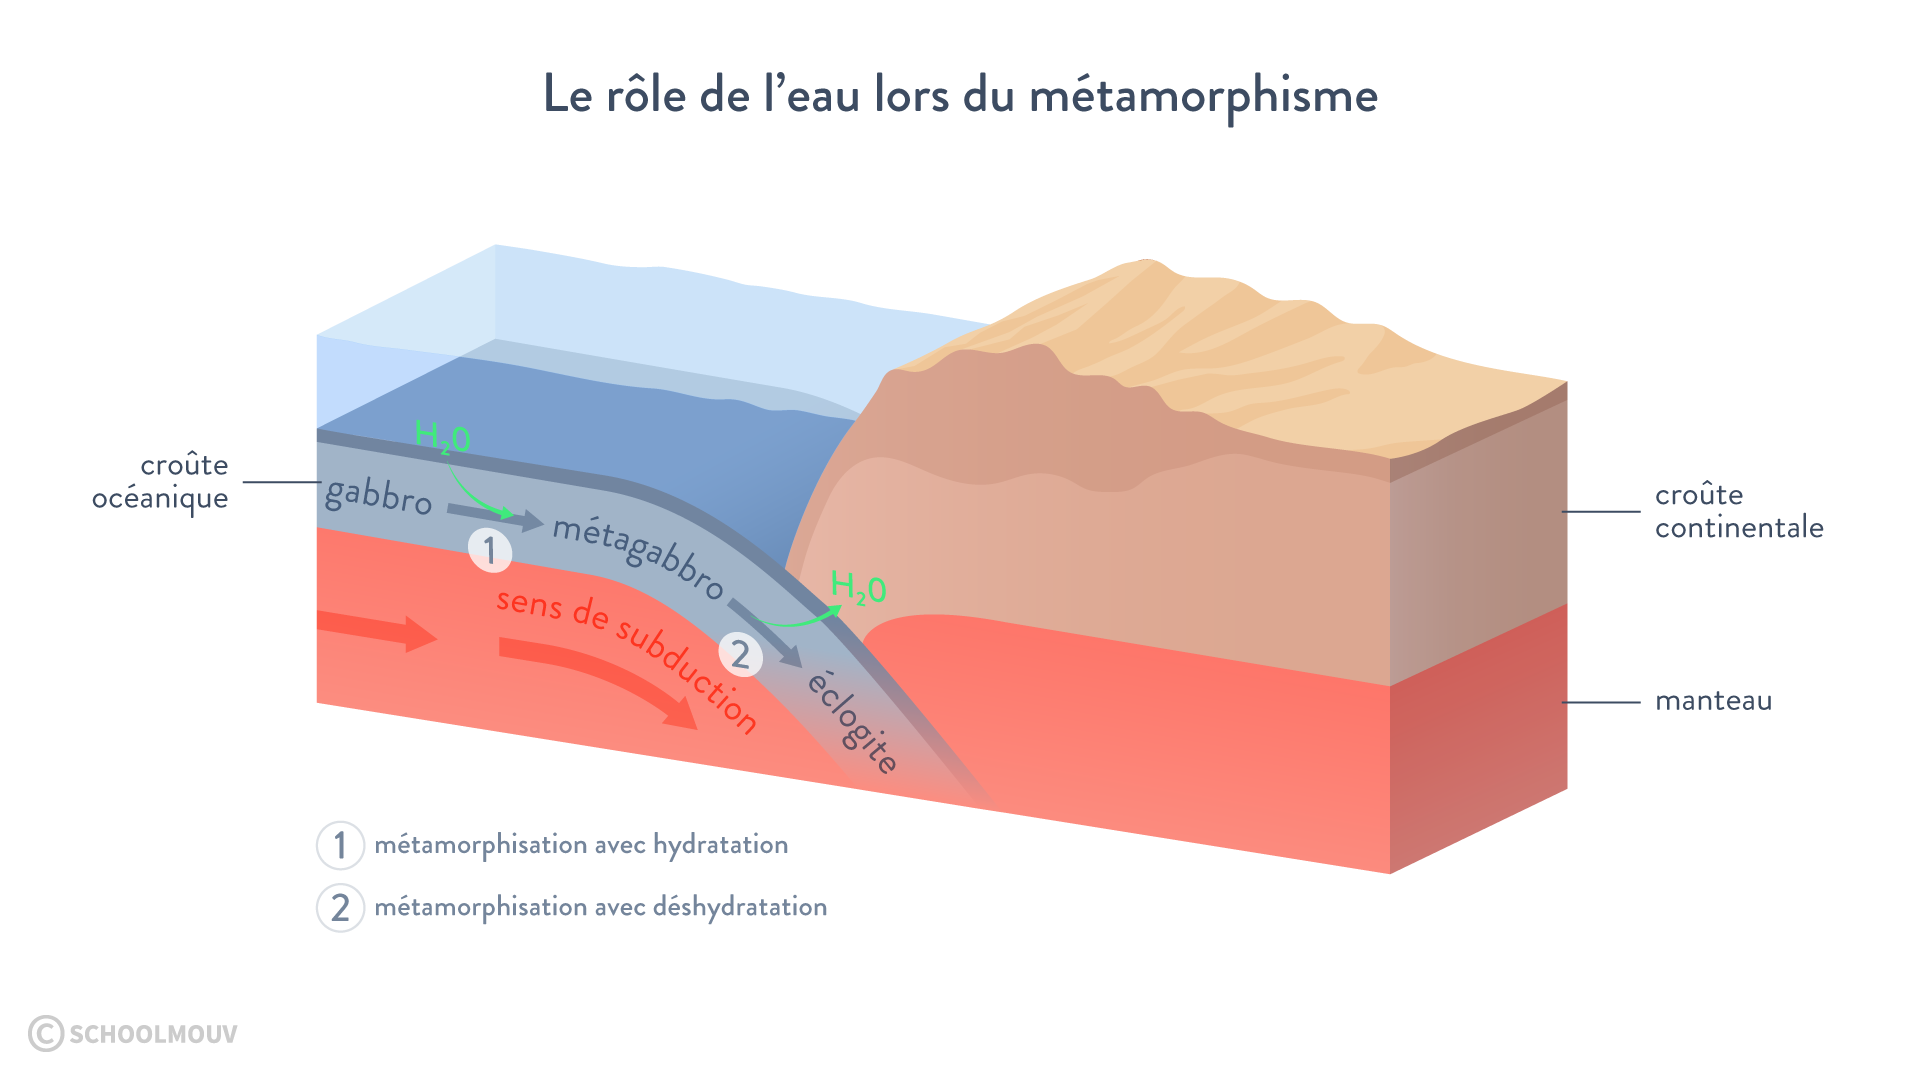 Schéma montrant l'importance de l'eau lors du métamorphisme gabbro métagabbro éclogite subduction hydratation de la croûte